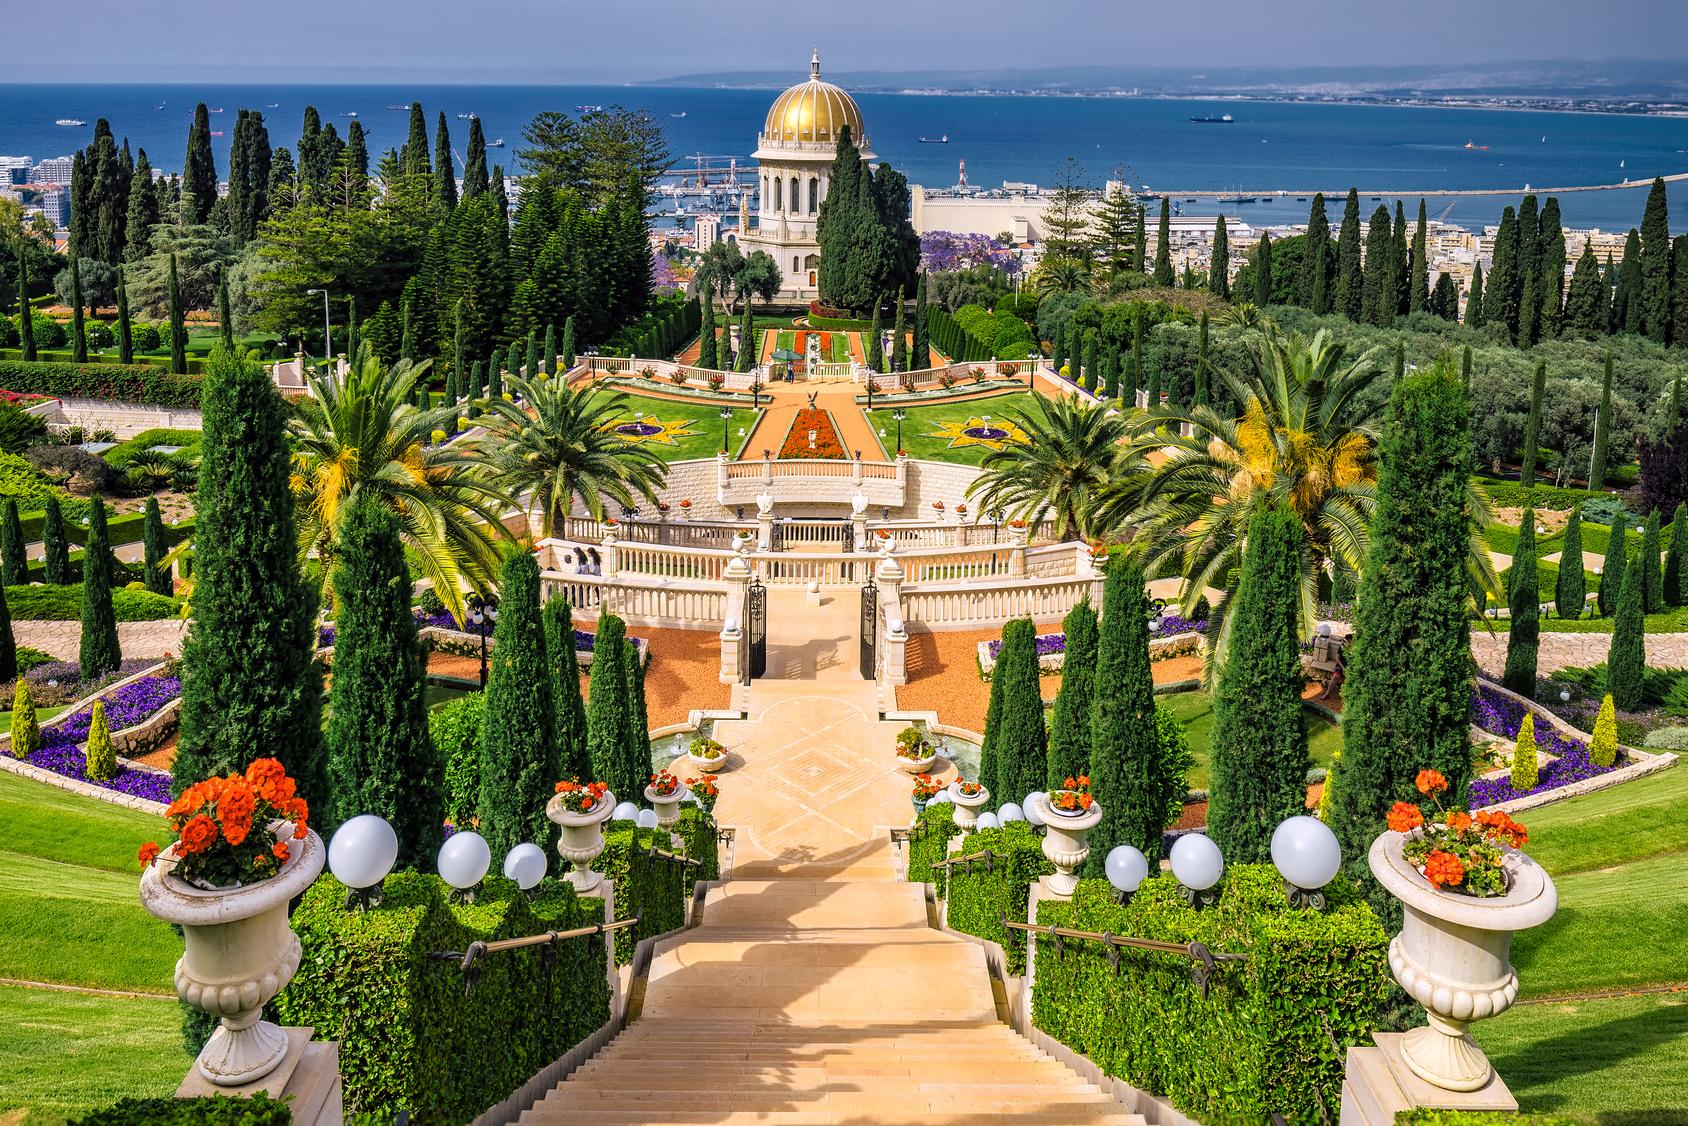 Os jardins mais bonitos do mundo - Tropical Estufas Agrícolas   Hidroponia    Filme Agrícola   Tela Agrícola   Plástico para Estufa